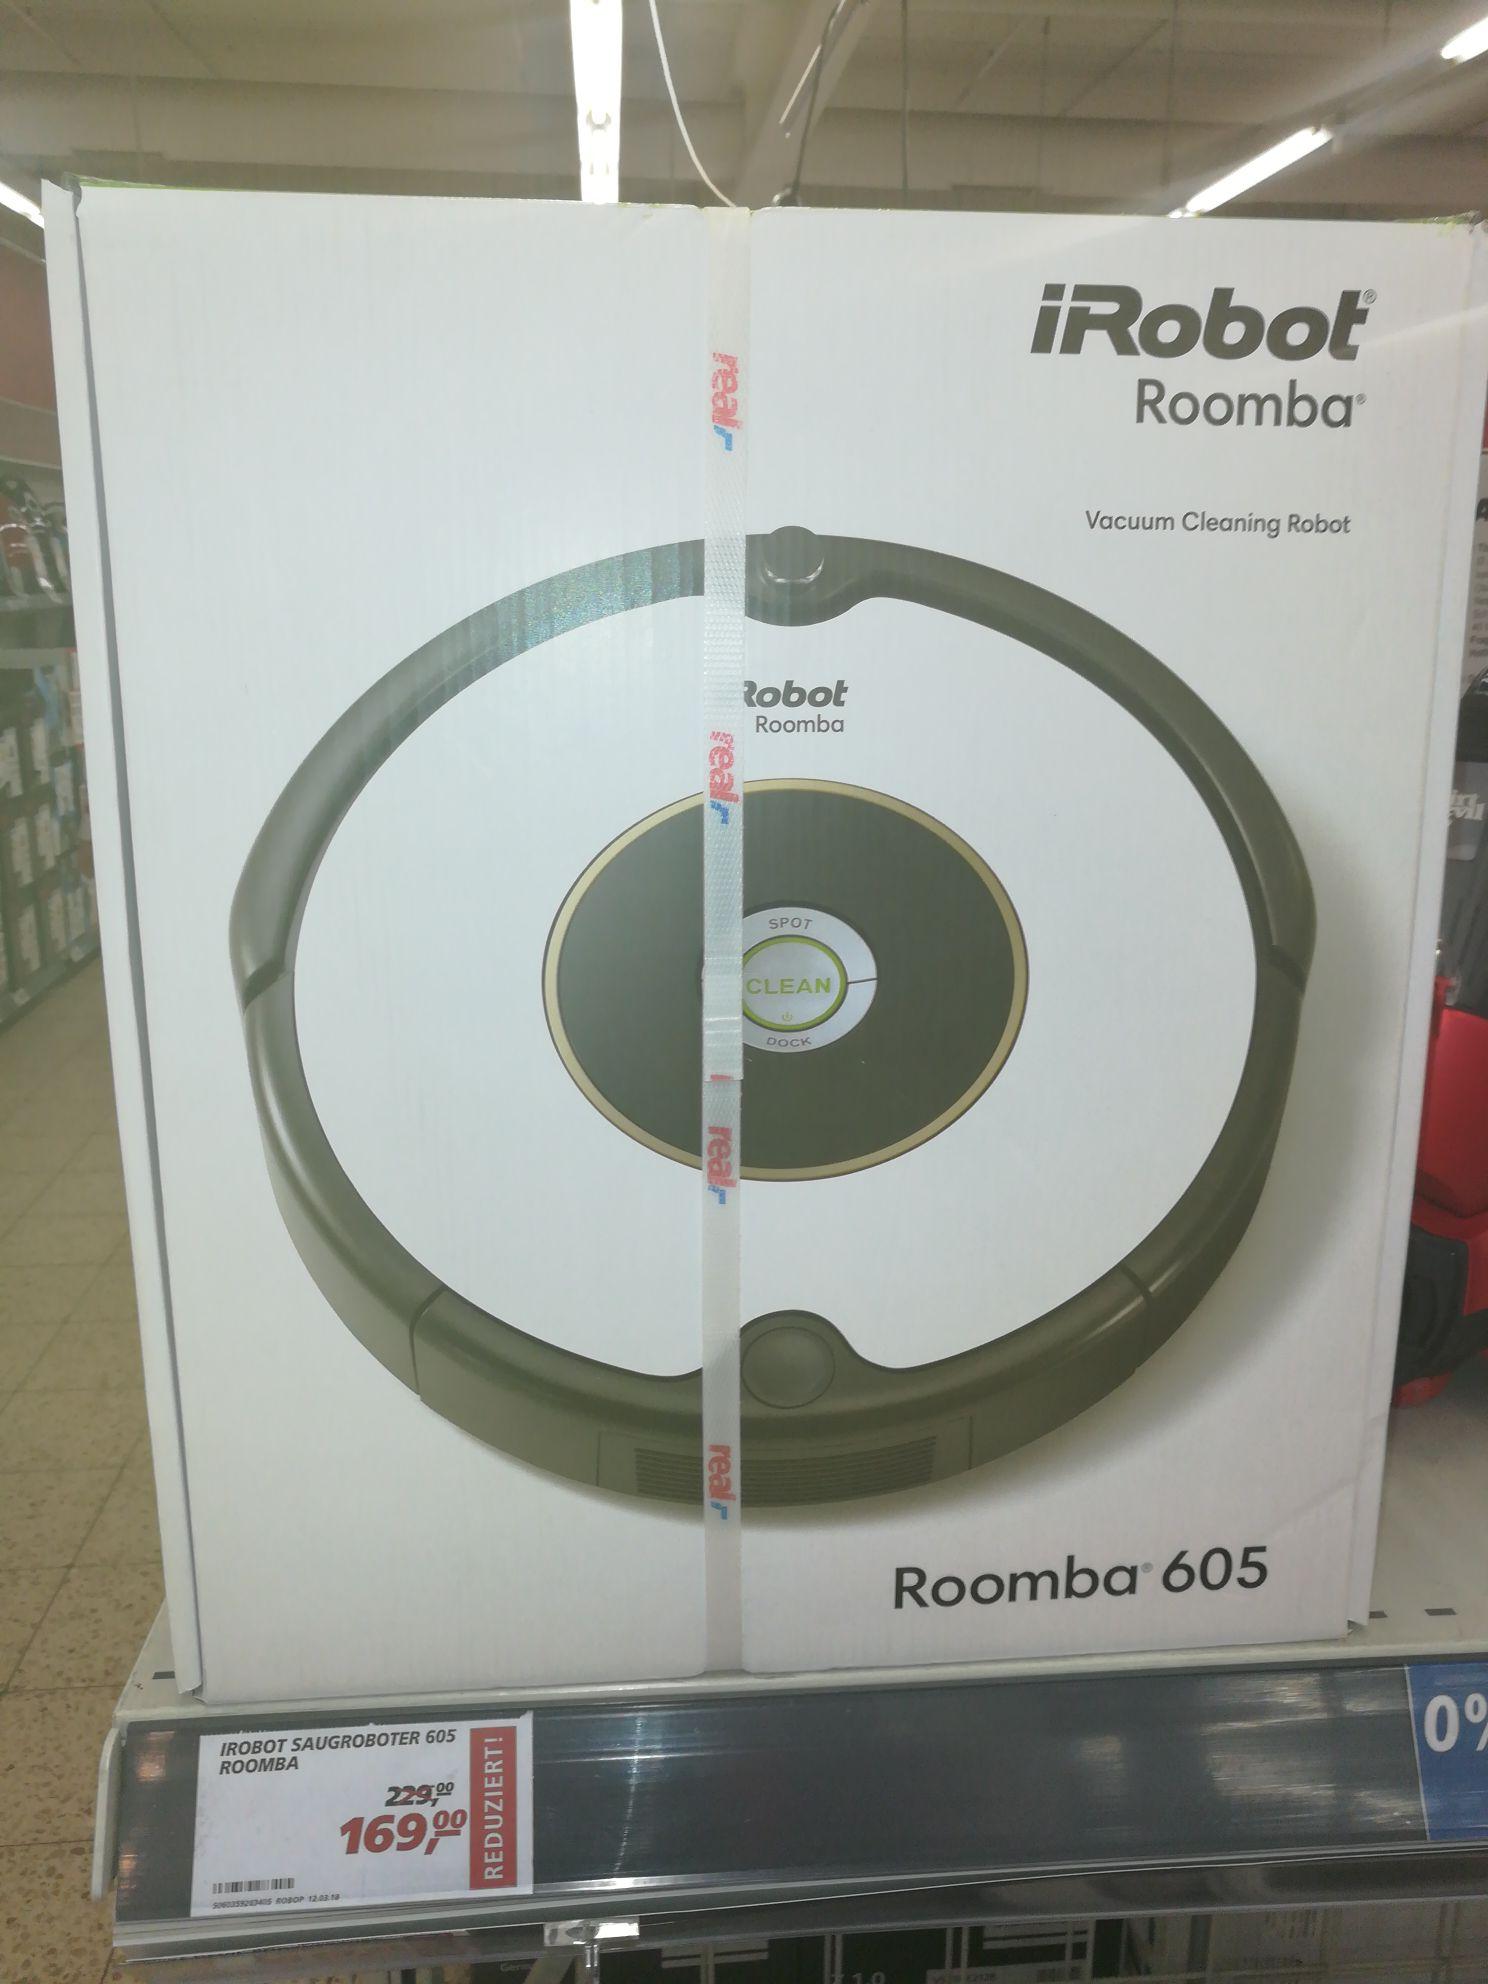 Real Hamm Irobot Roomba 605 Saugroboter